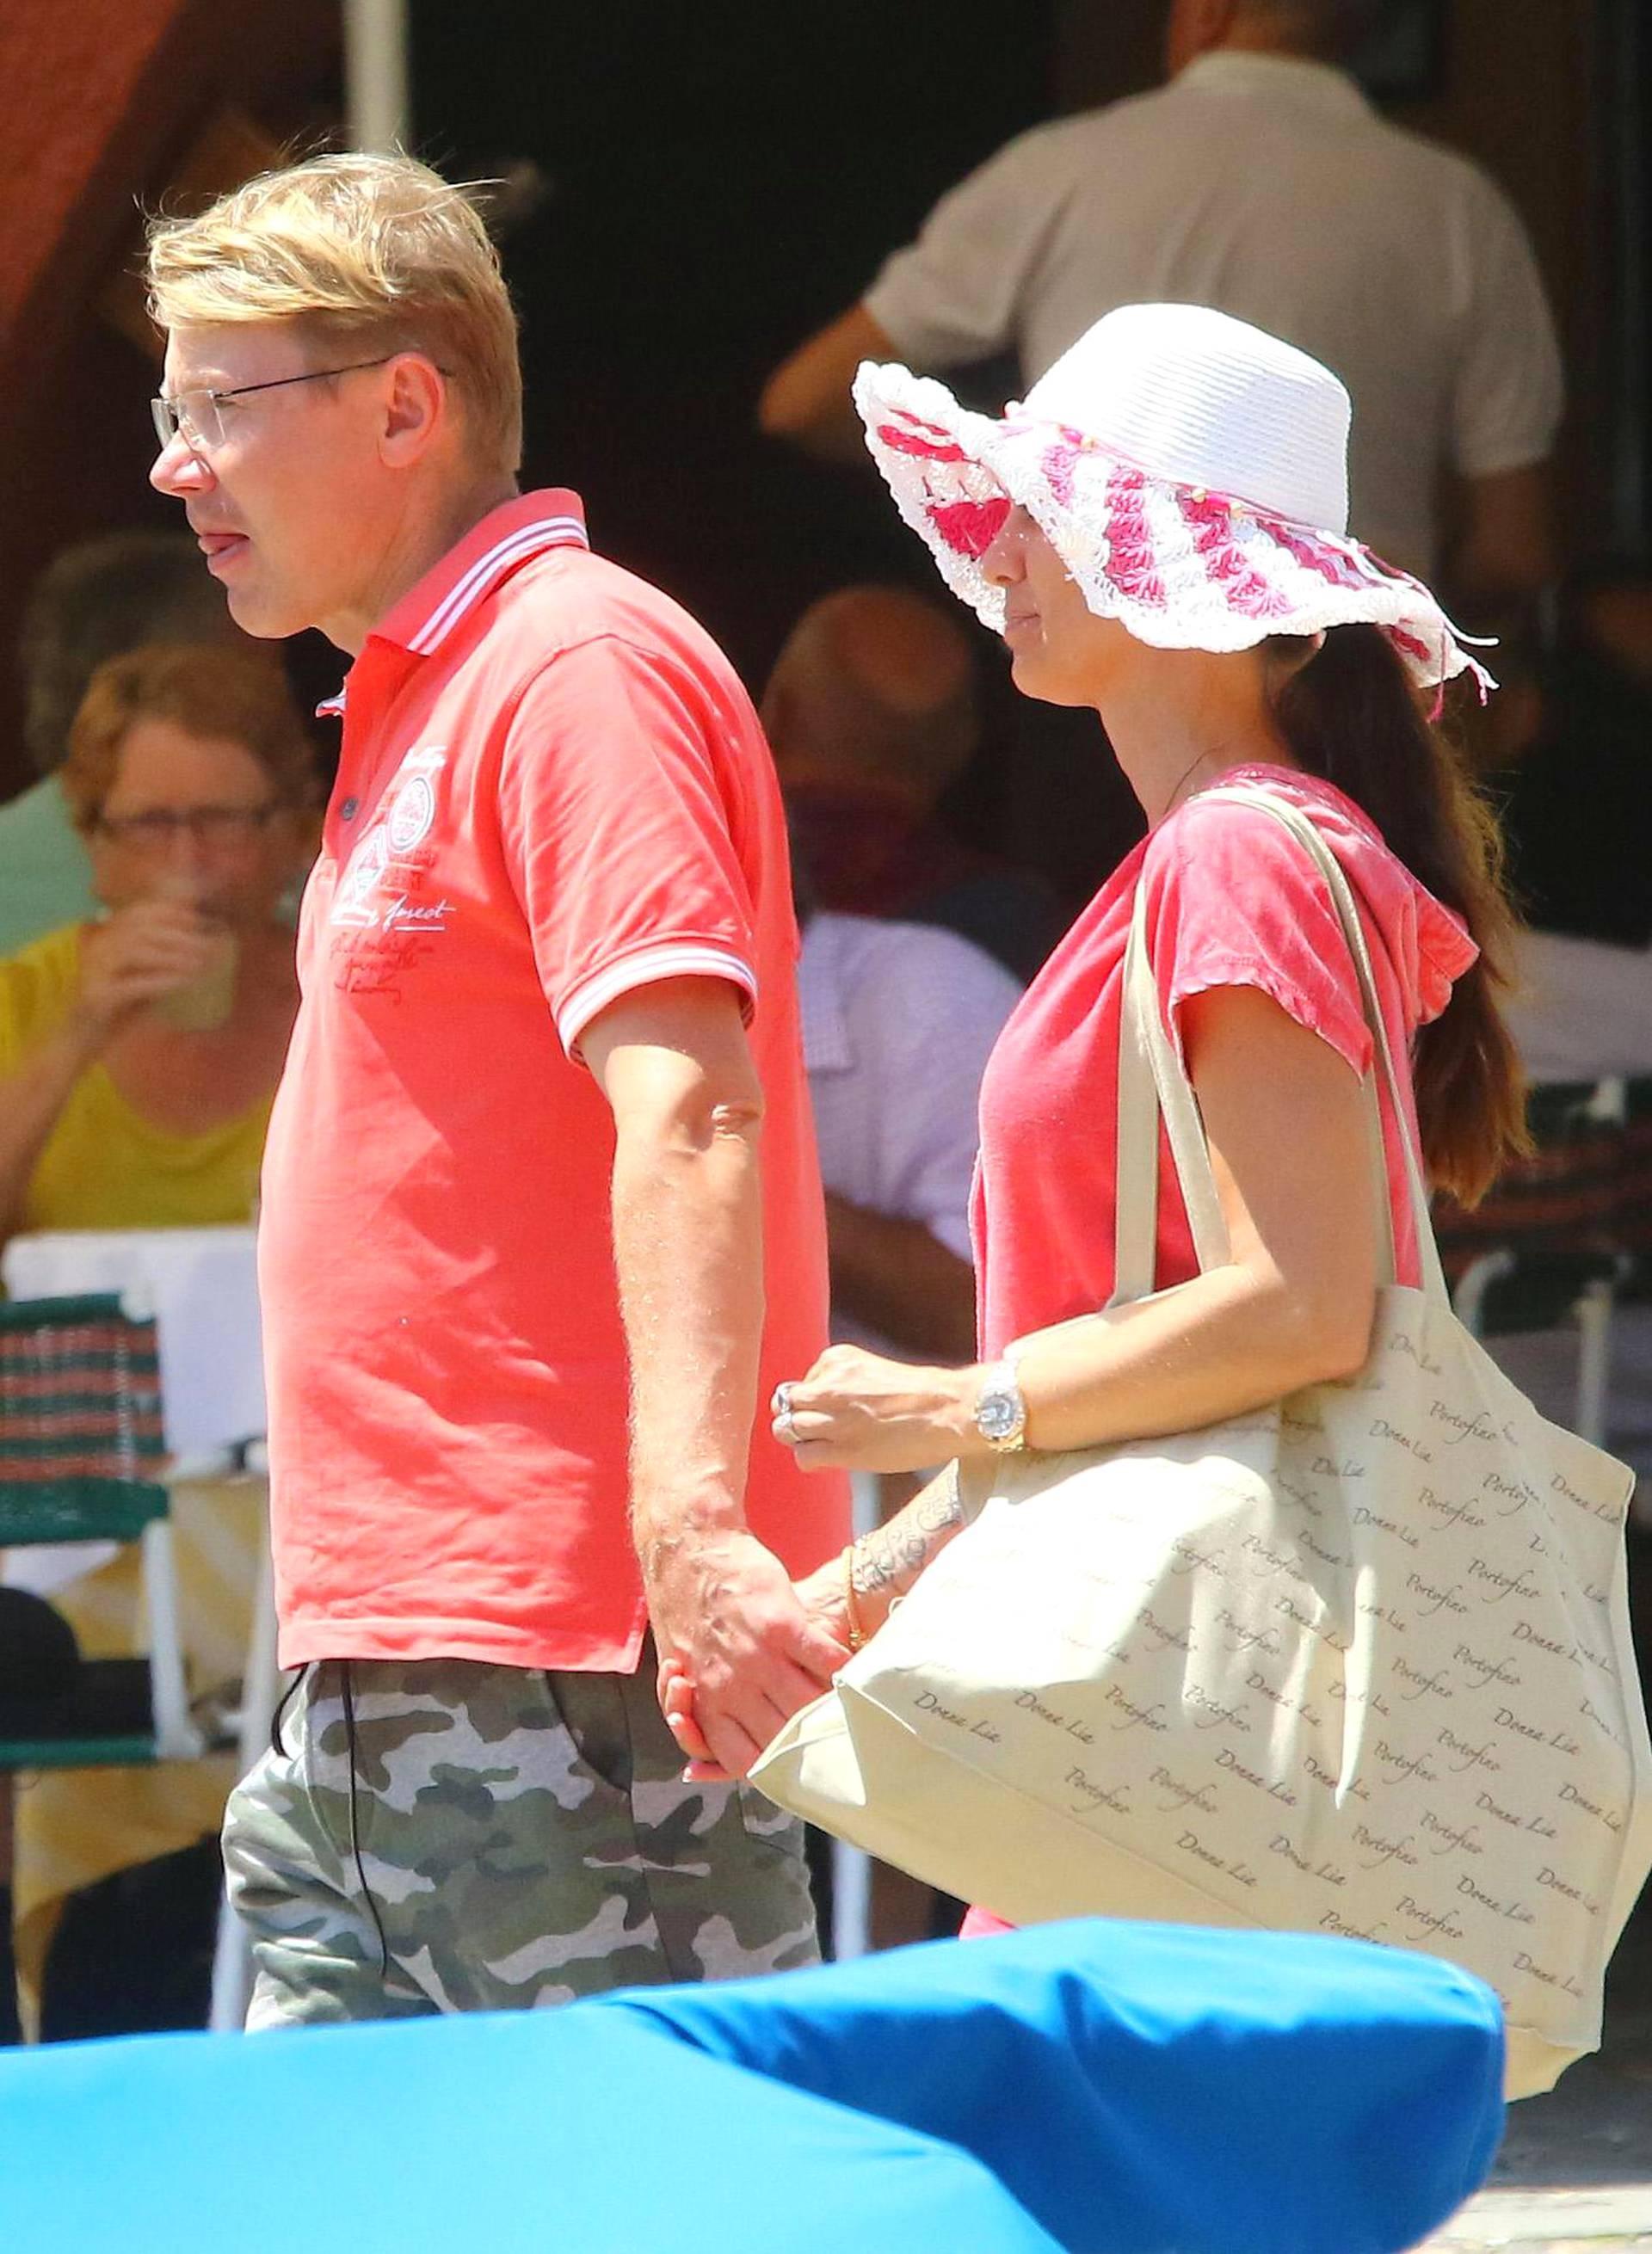 Onnellisen oloiset Mika ja Marketa kulkivat käsi kädessä.